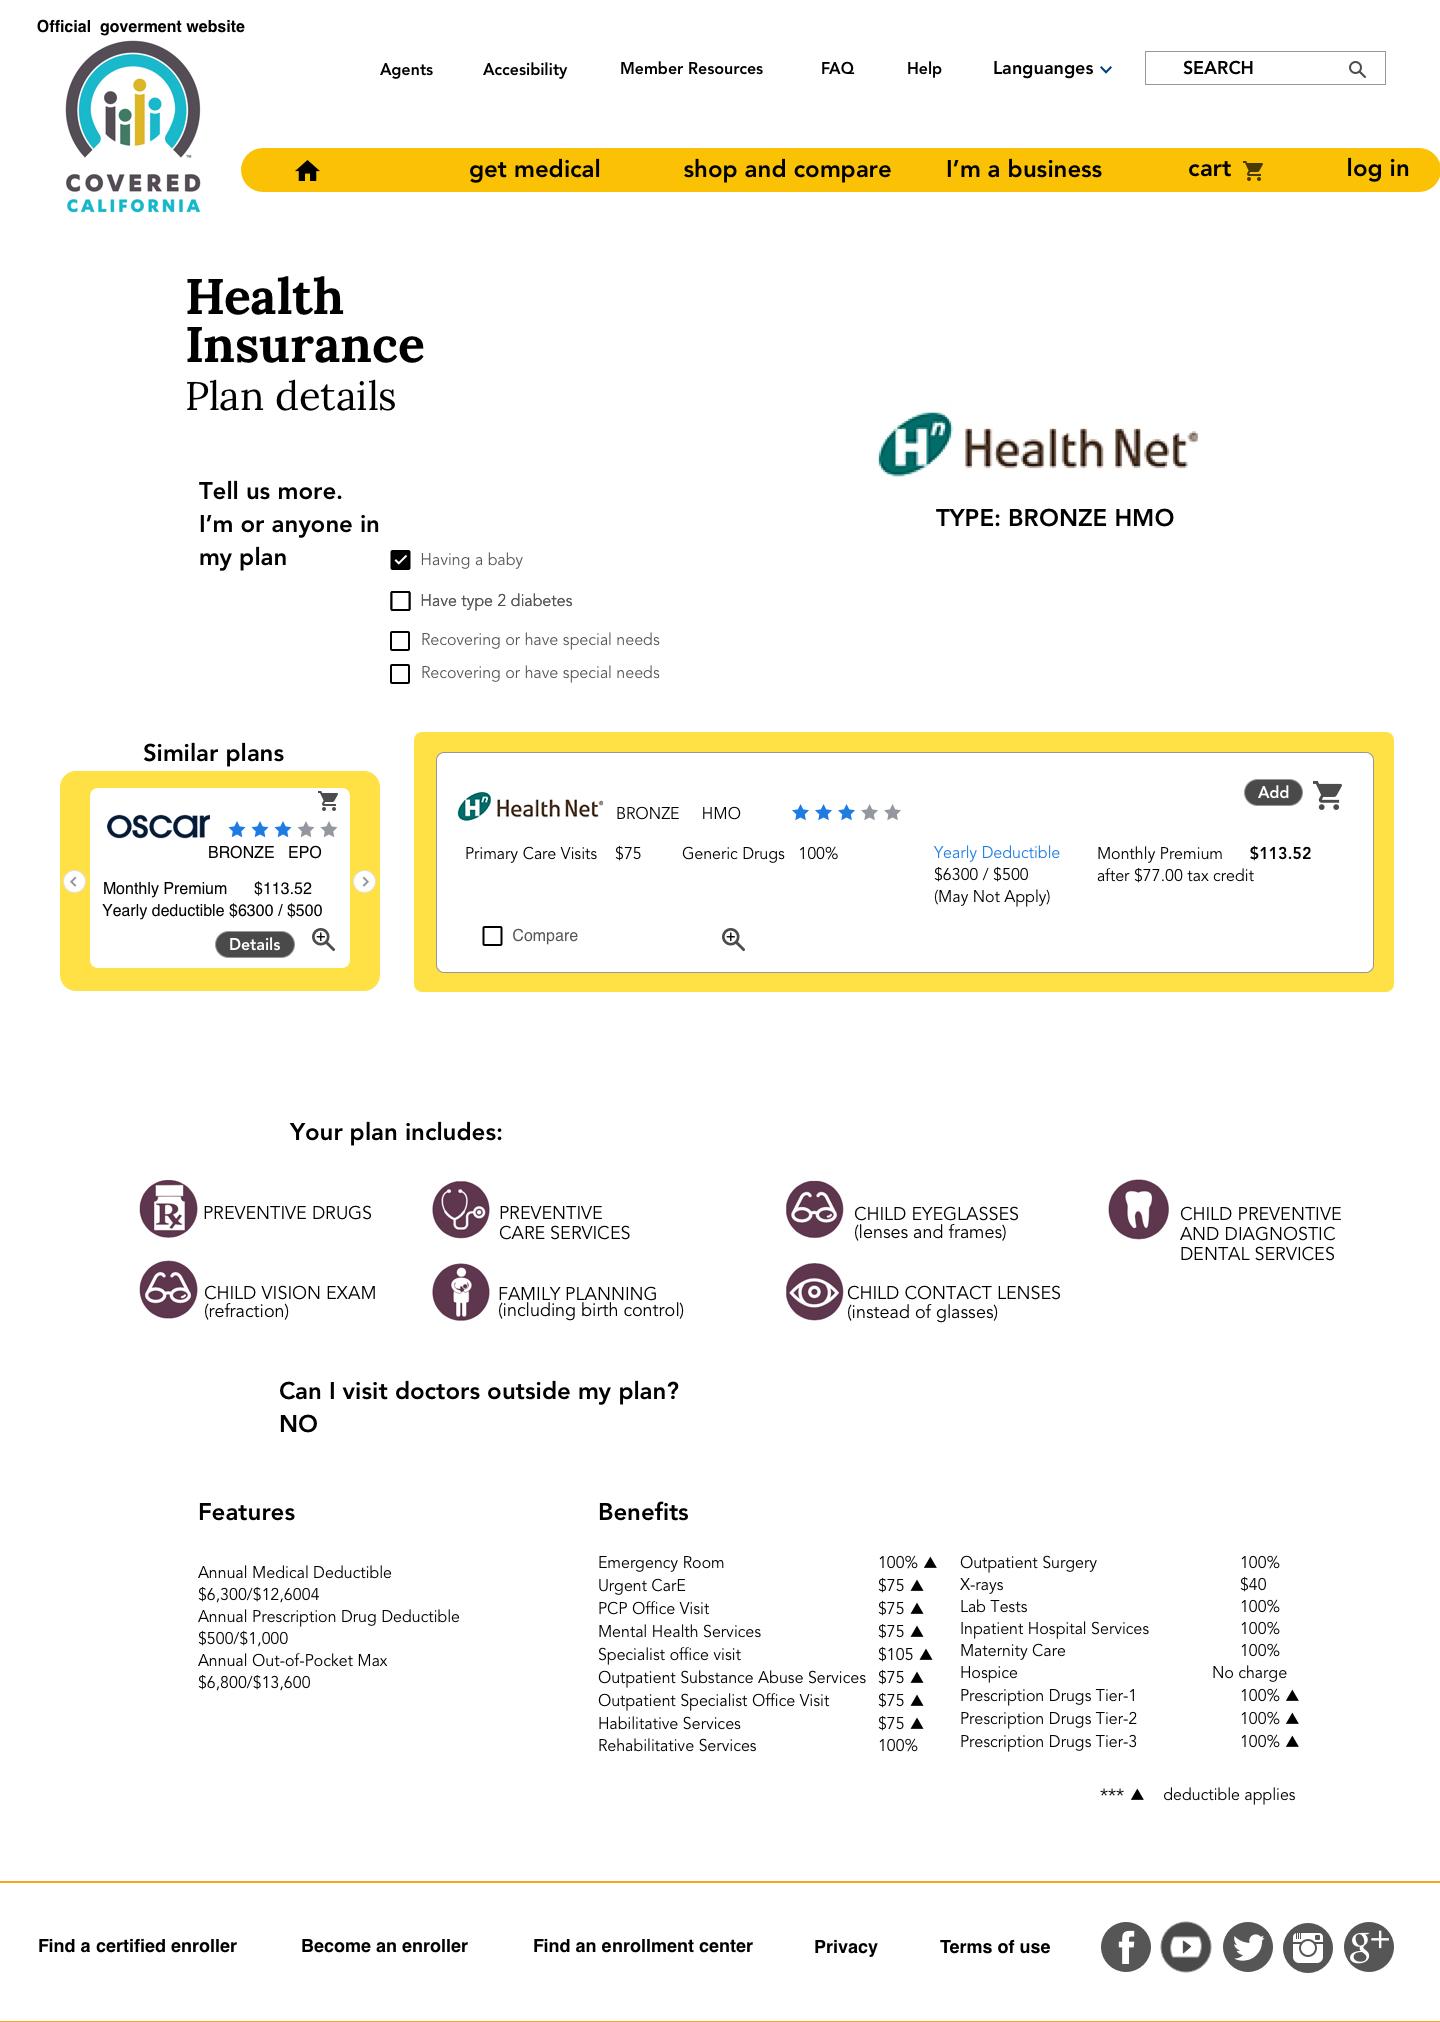 Health Plan details